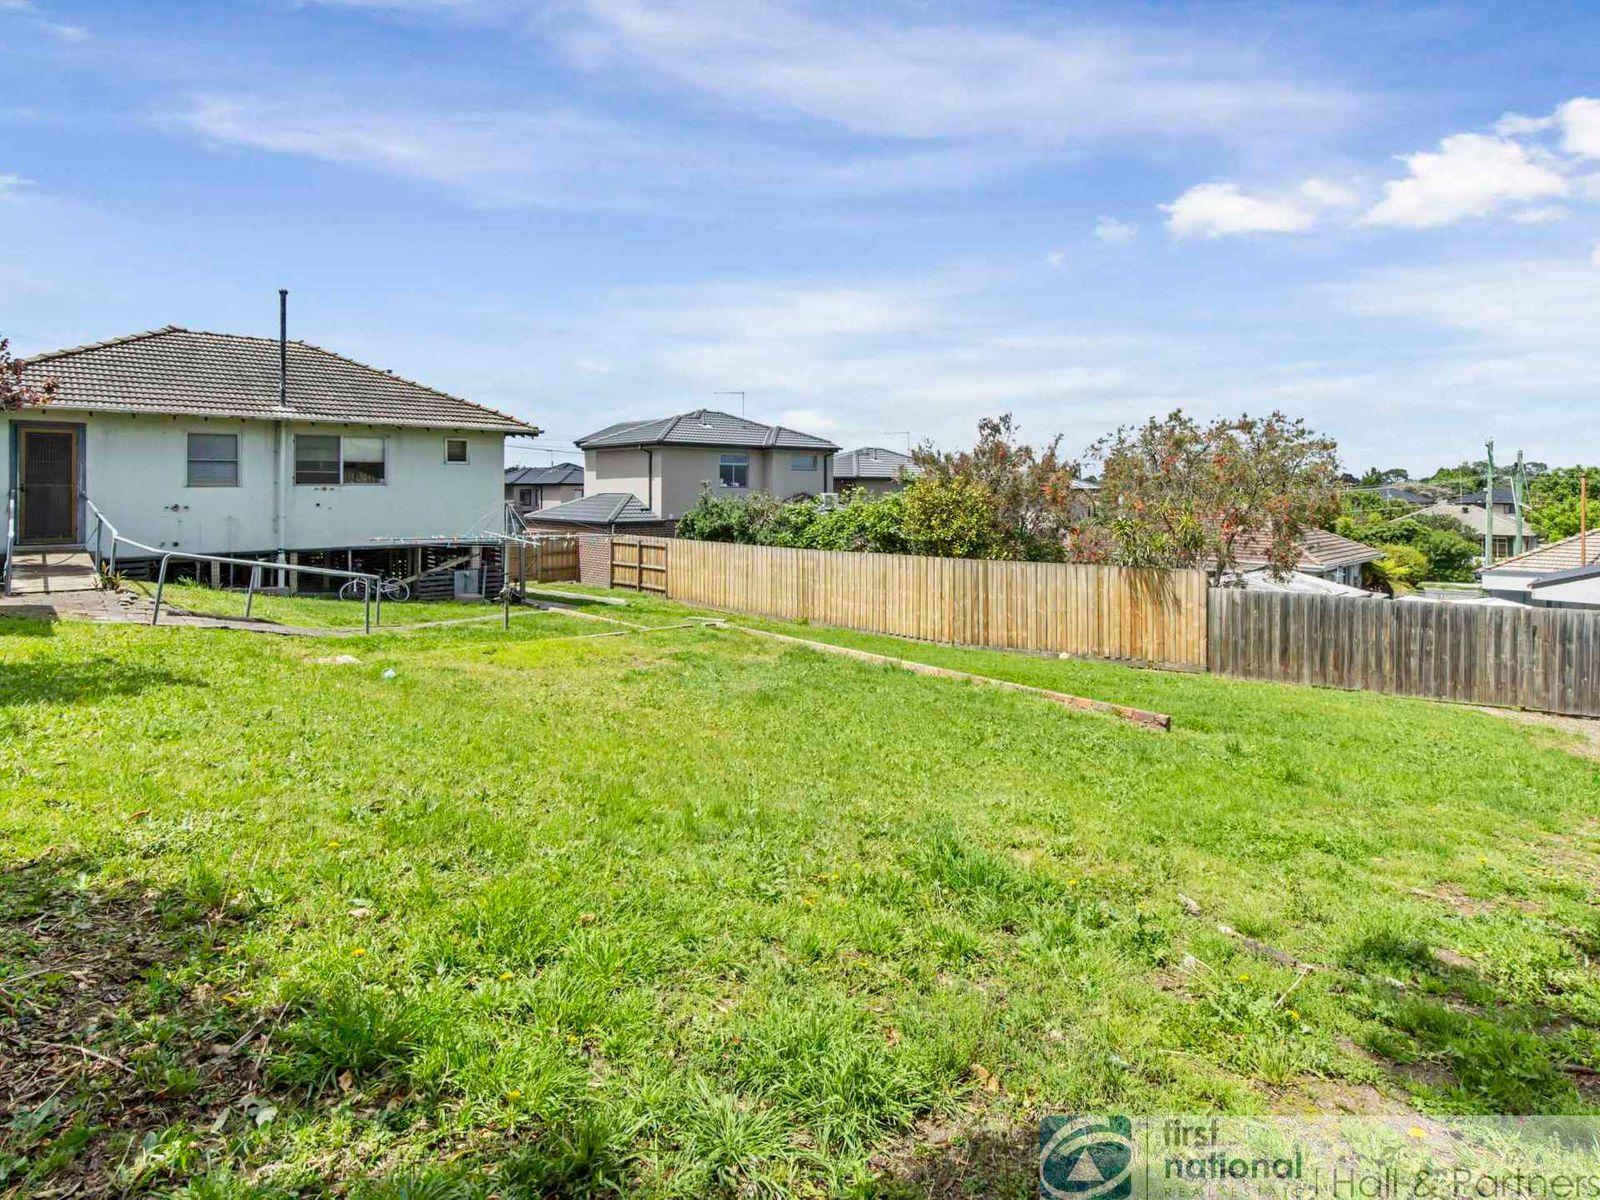 2 Magnolia Grove, Doveton, VIC 3177